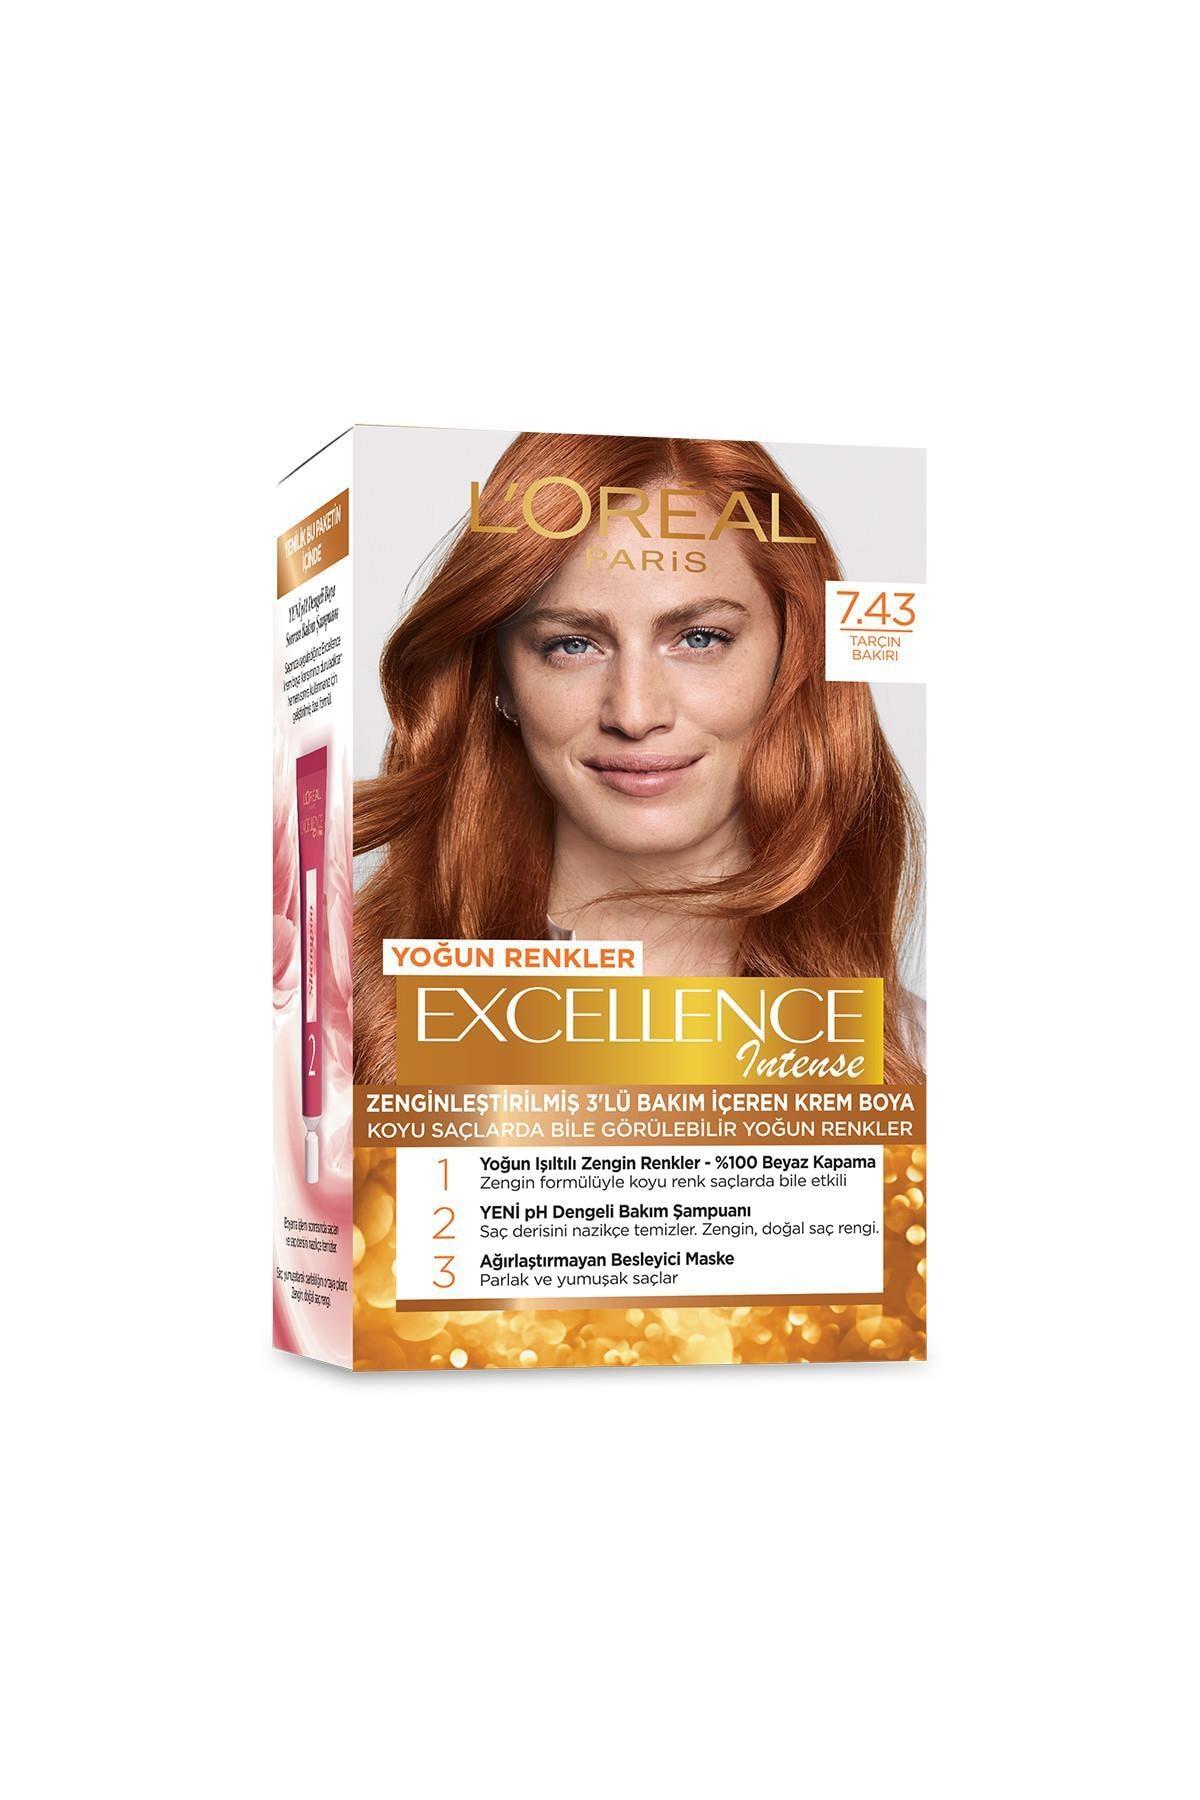 L'Oreal Paris Saç Boyası - Excellence Intense 7.43 Tarçın Bakır 3600522822318 0